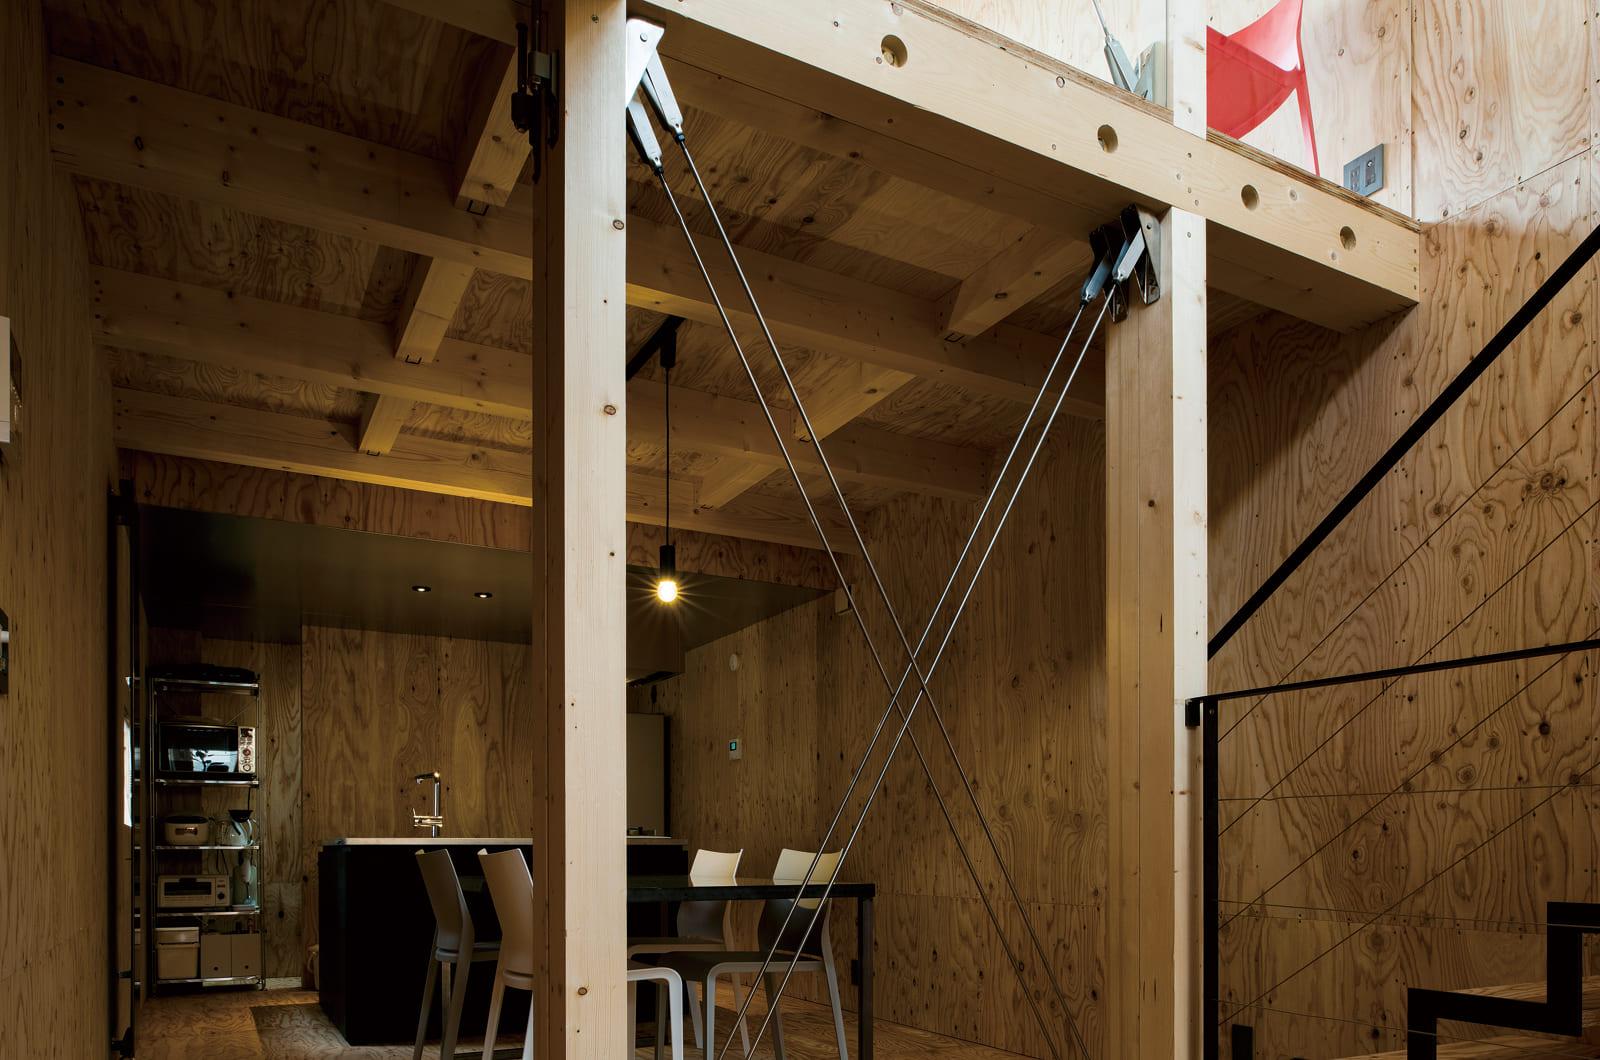 2階ダイニング・キッチン。構造上必要な鉄製ブレースが、建物の強度を担保しつつ、空間の抜け感をつくっている